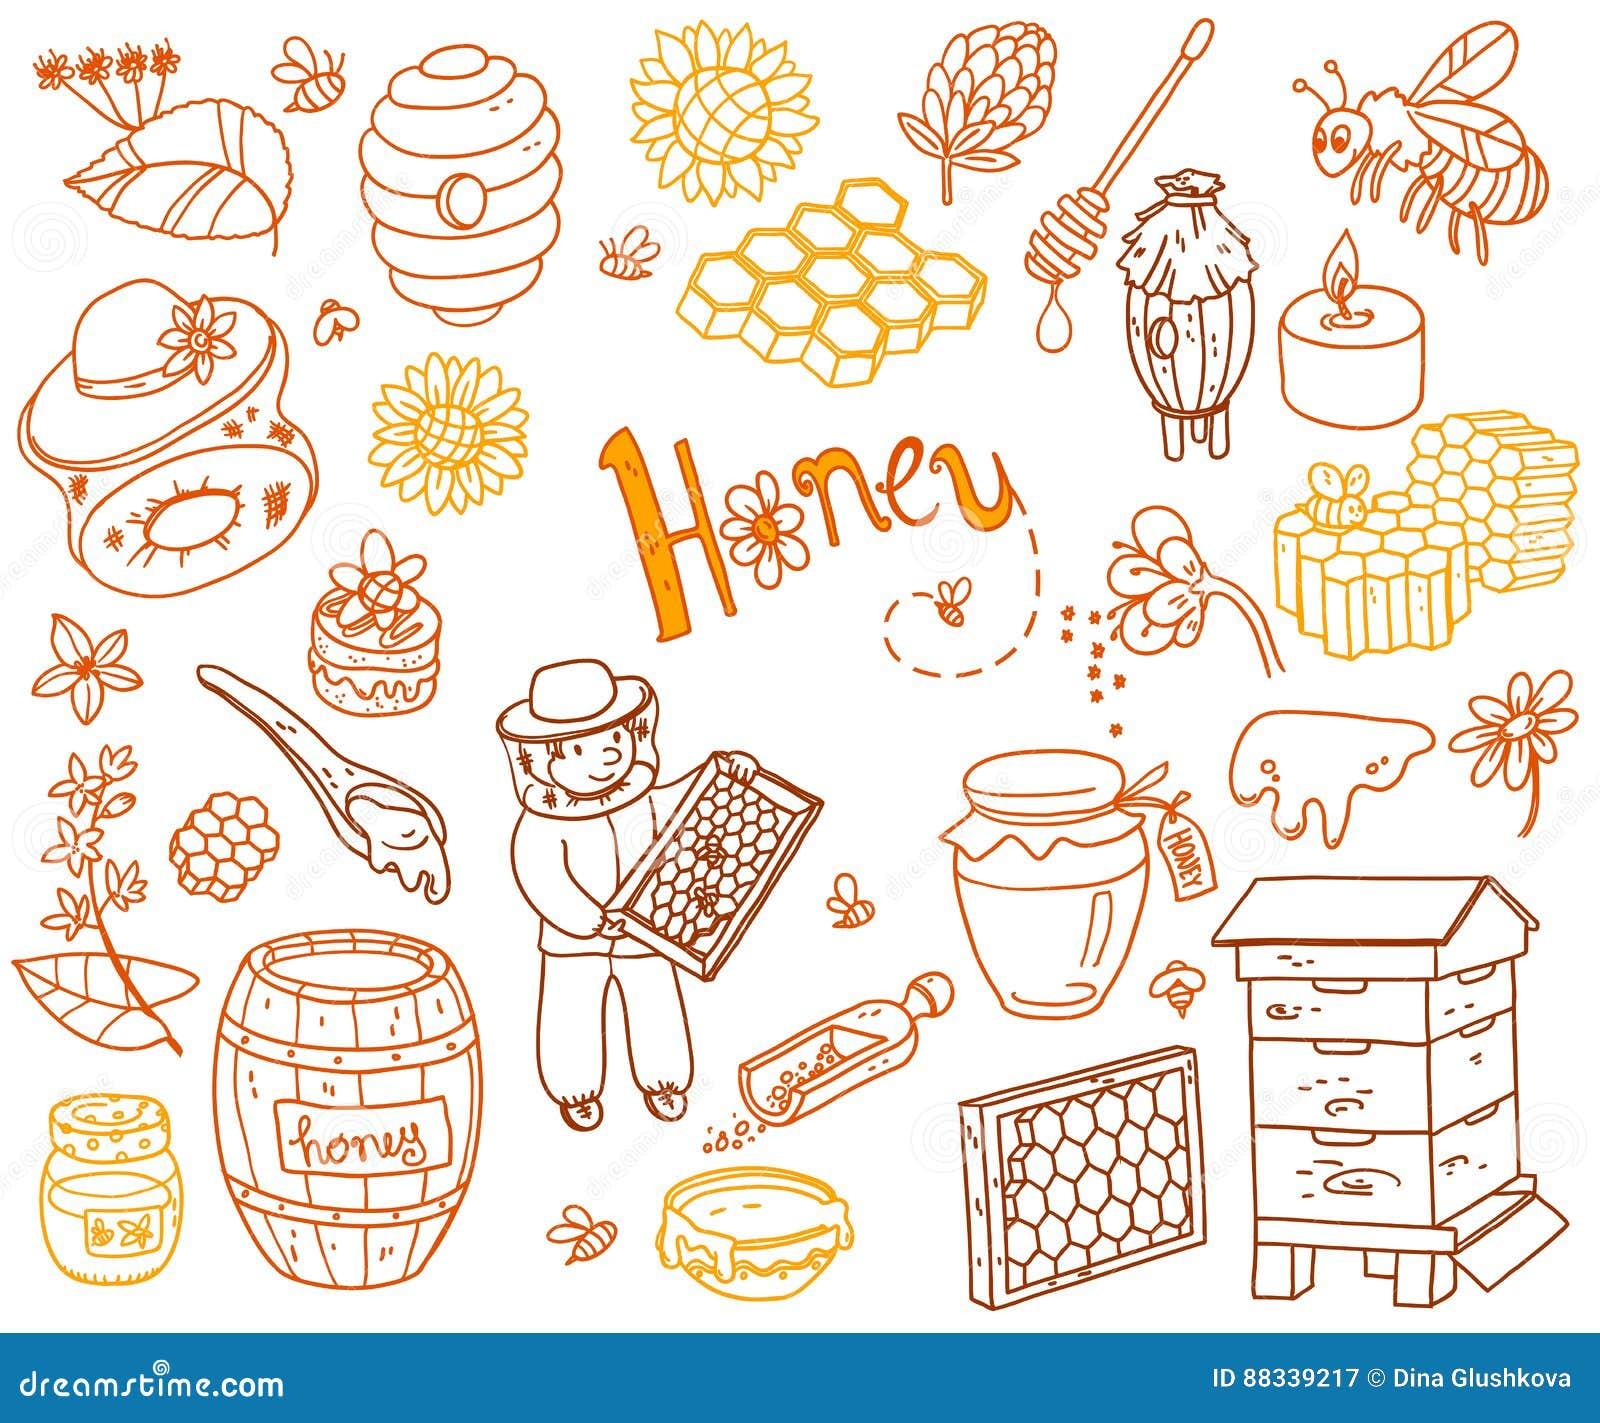 Vector honey element doodle set with beehive, beekeeper, flowers